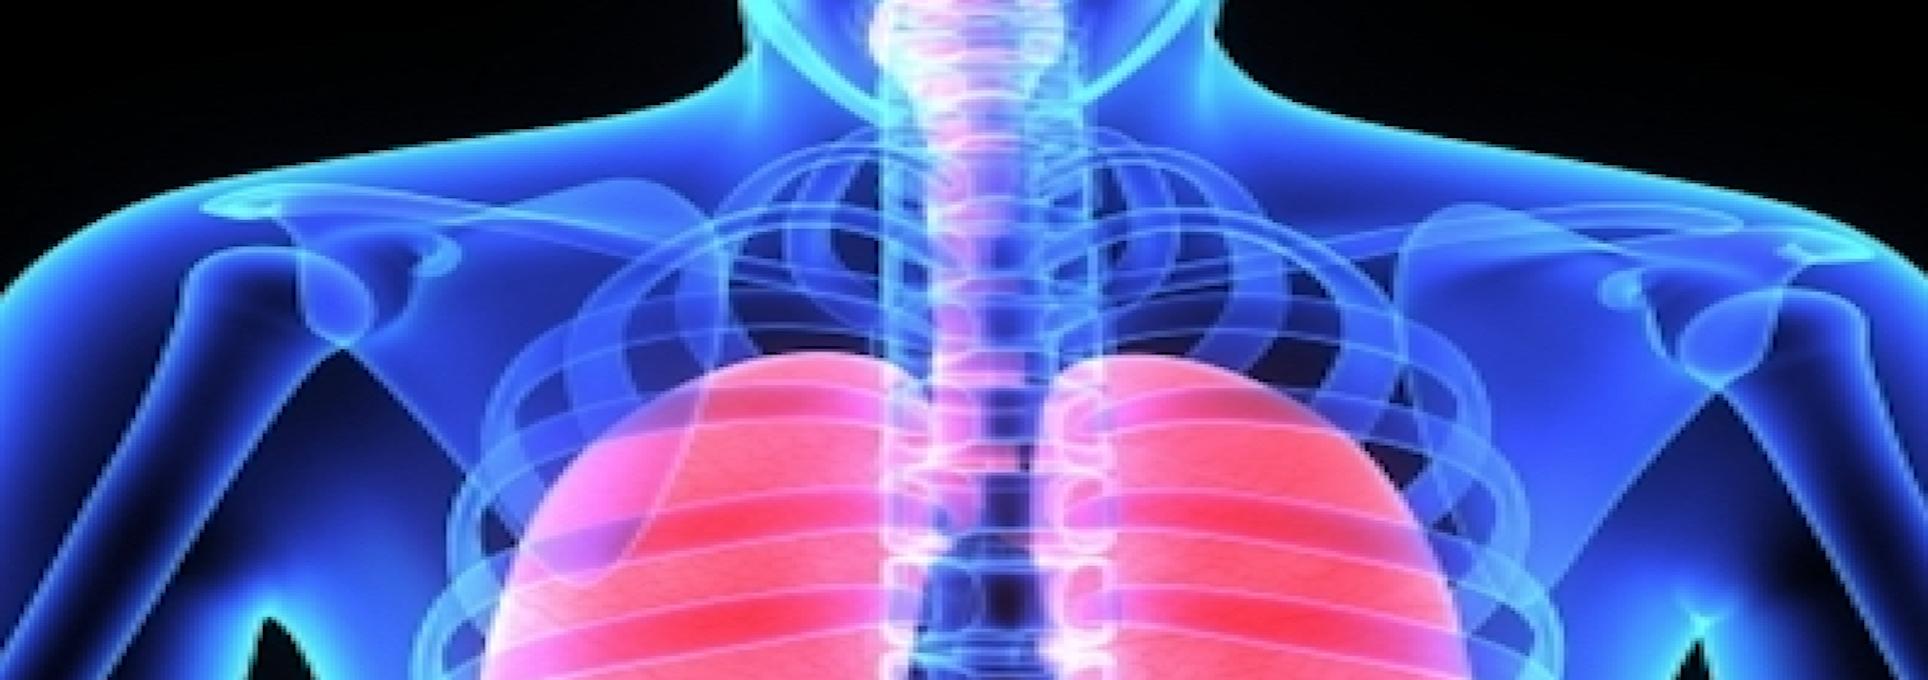 Occupational Asthma